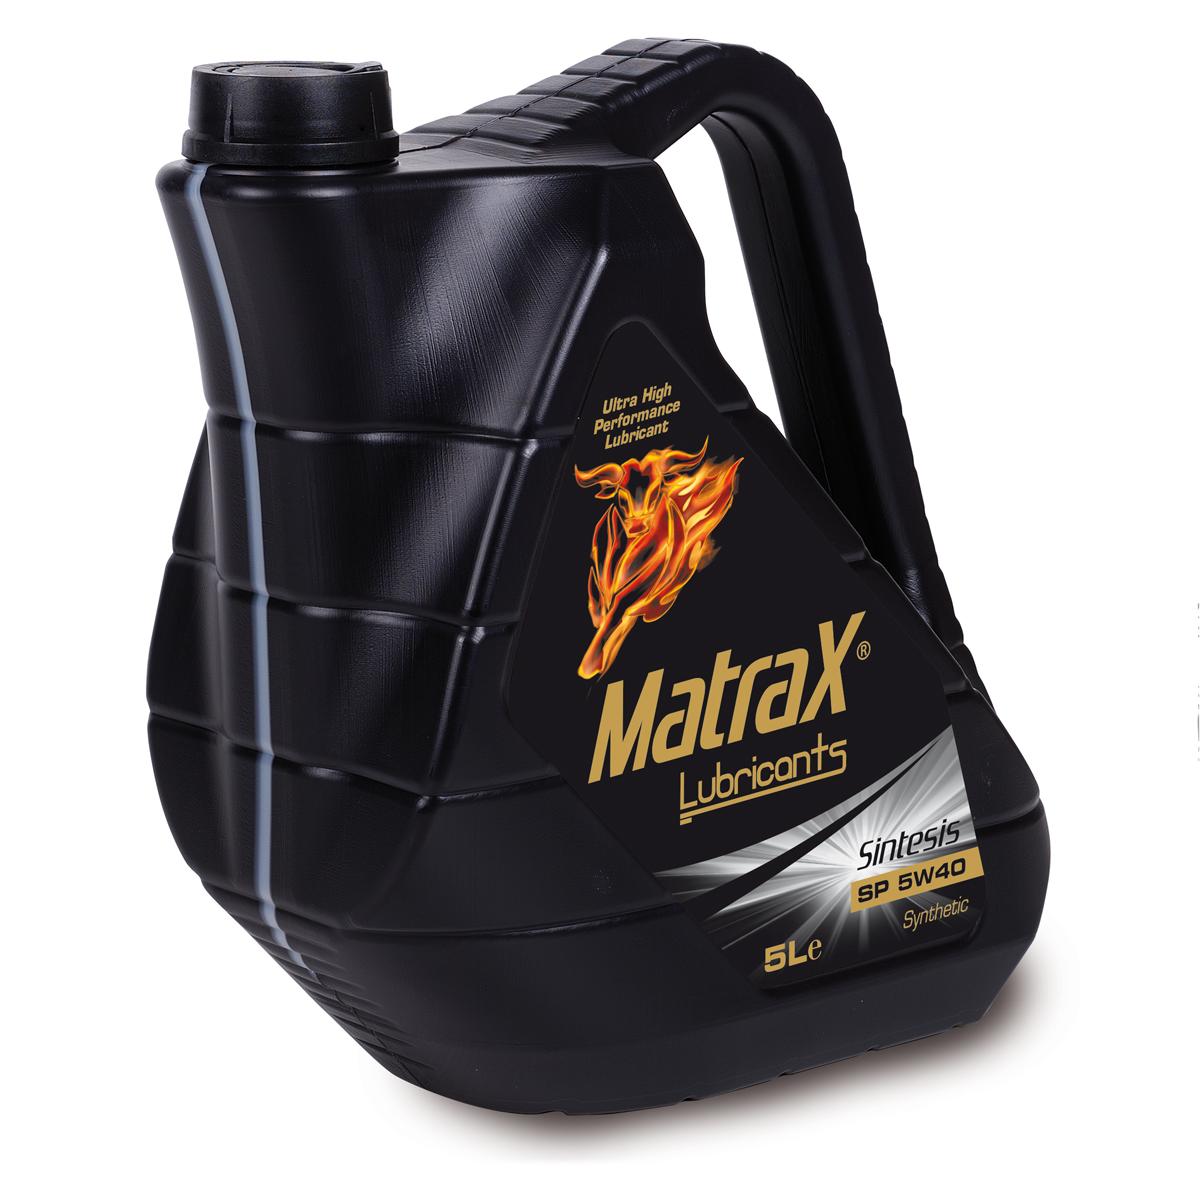 matrax-lubricants-sintesis-sp-5w40-5l